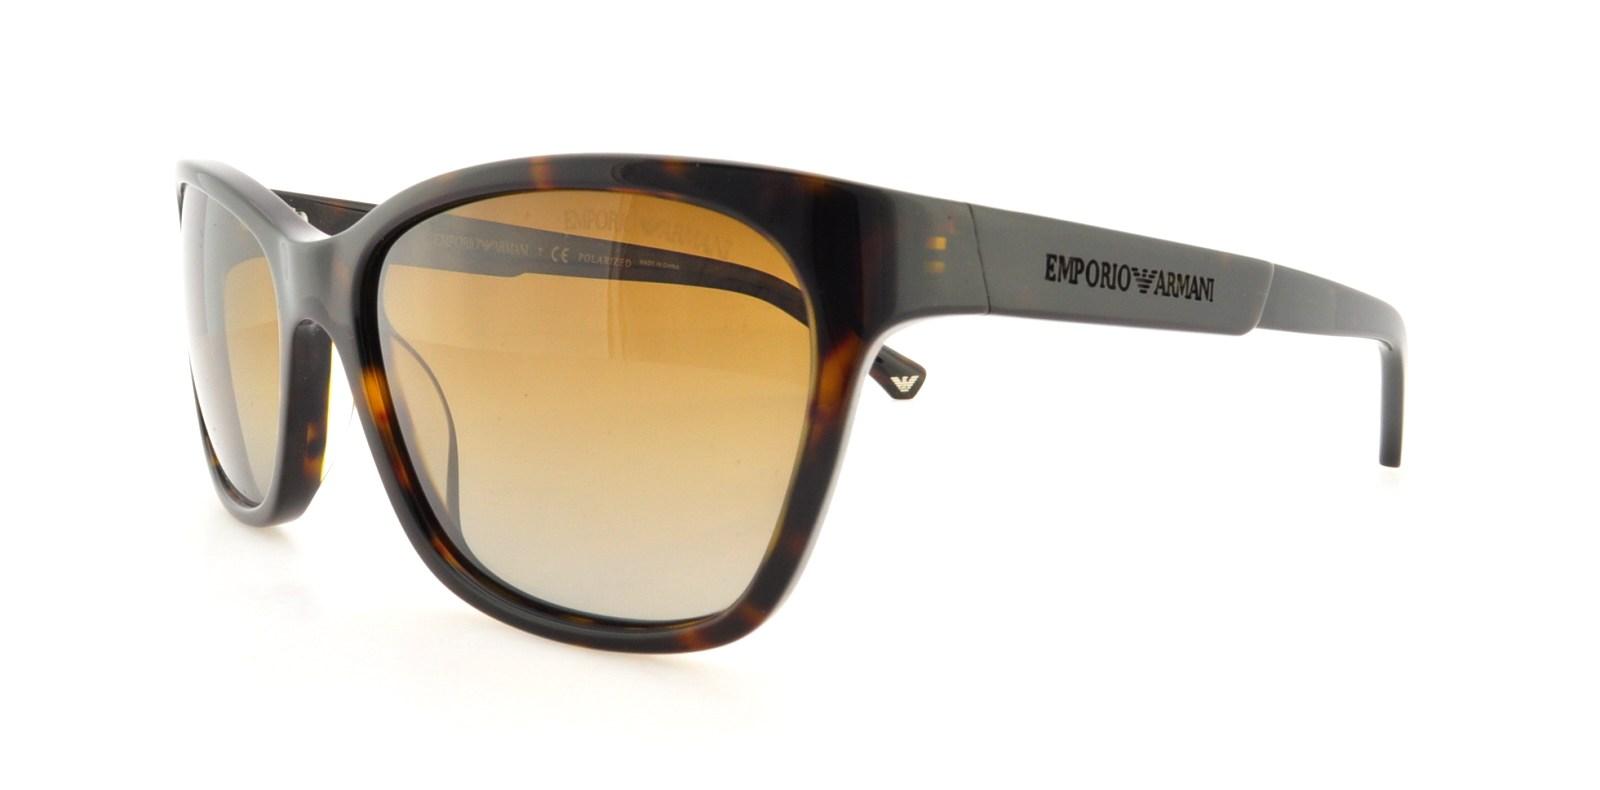 752107cf635 Designer Frames Outlet. Emporio Armani EA4004